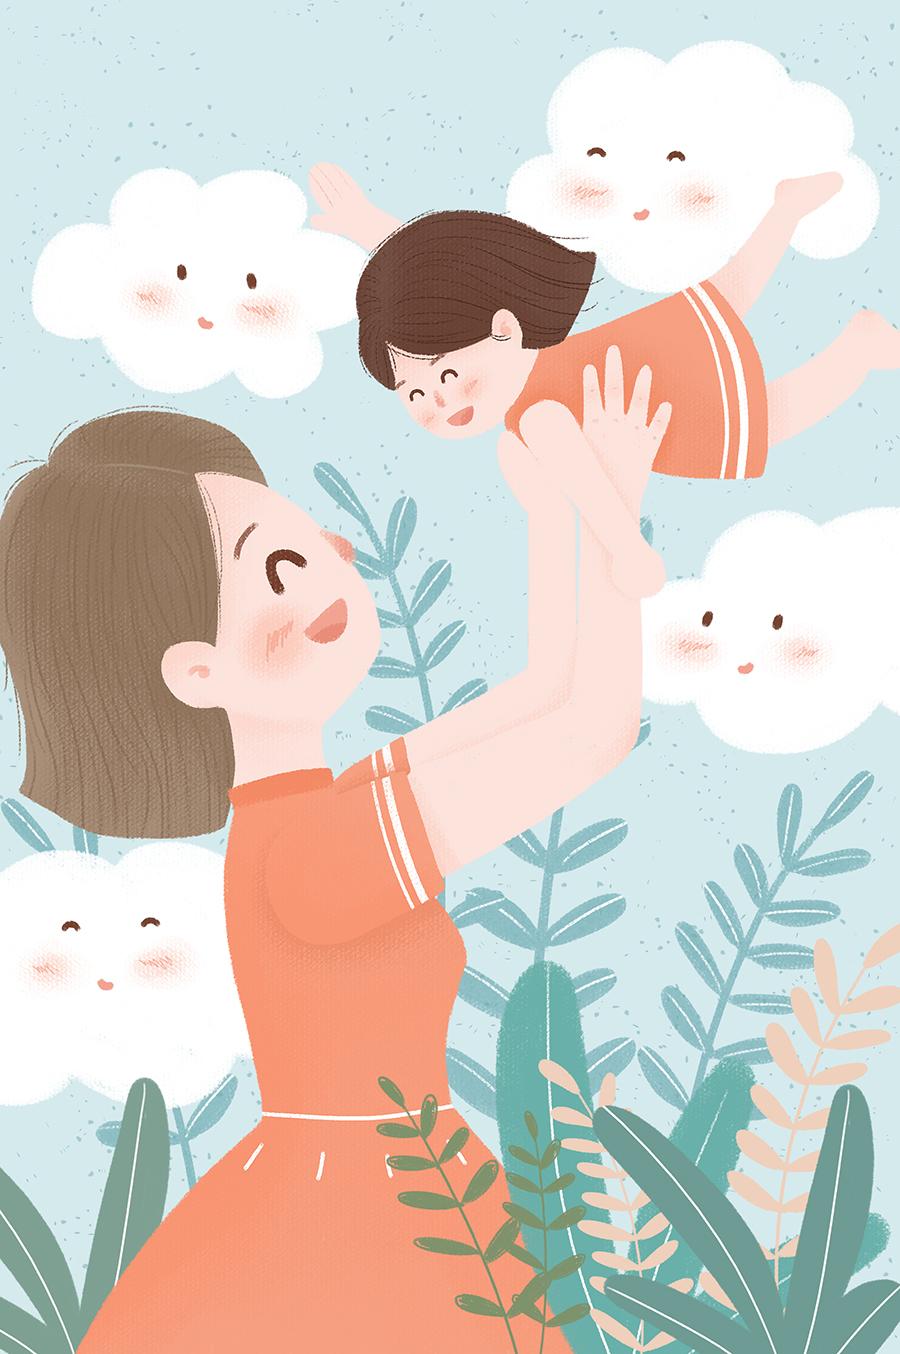 清新卡通手绘母亲节插画素材 插画-第18张